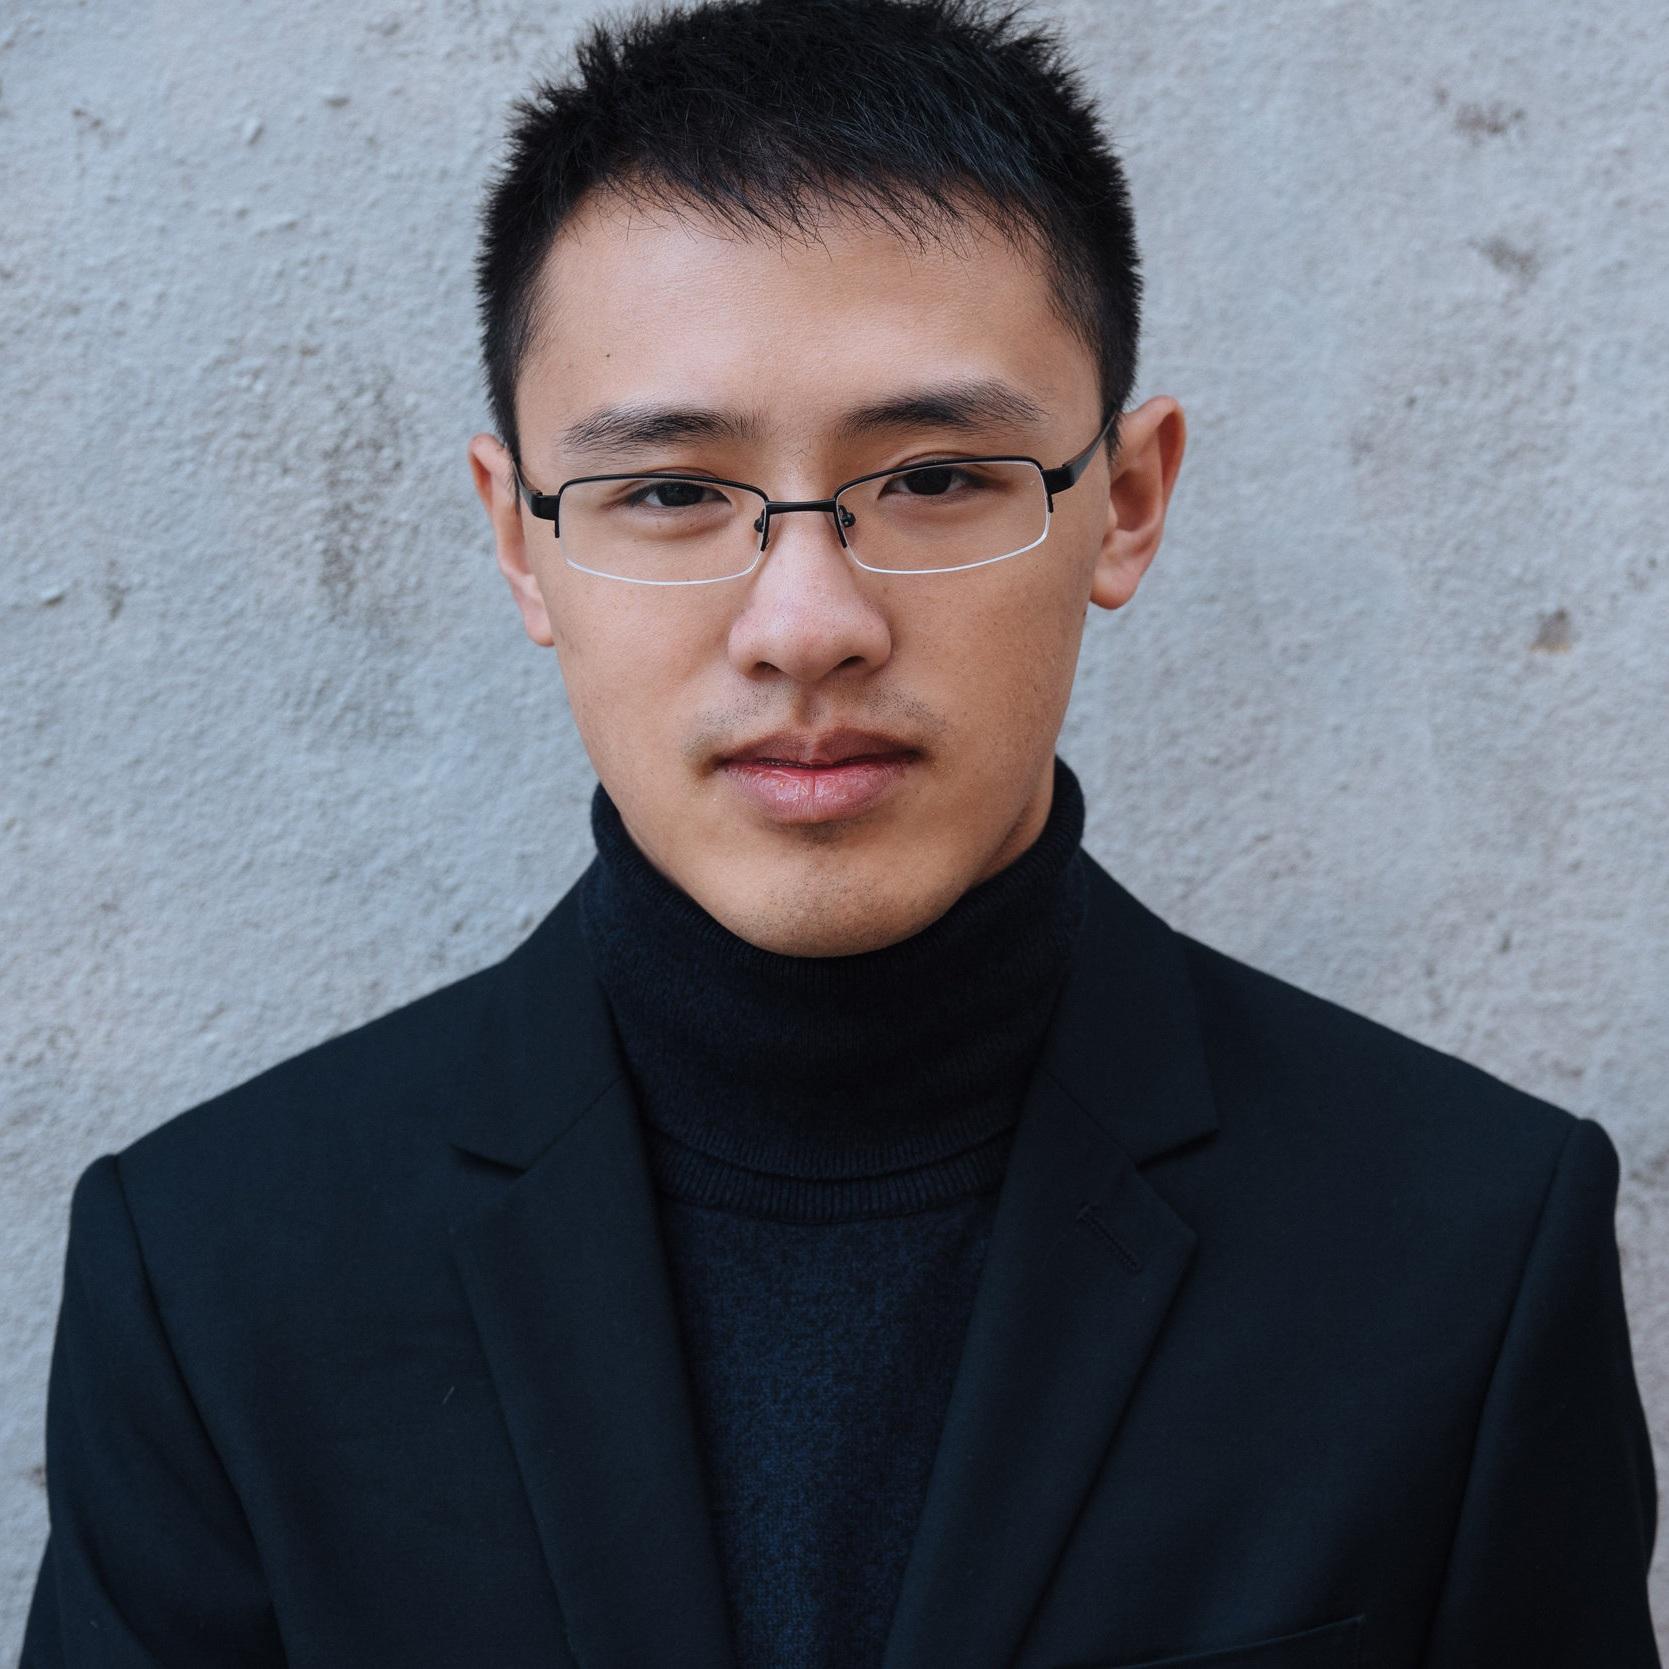 Max Tan, Violin